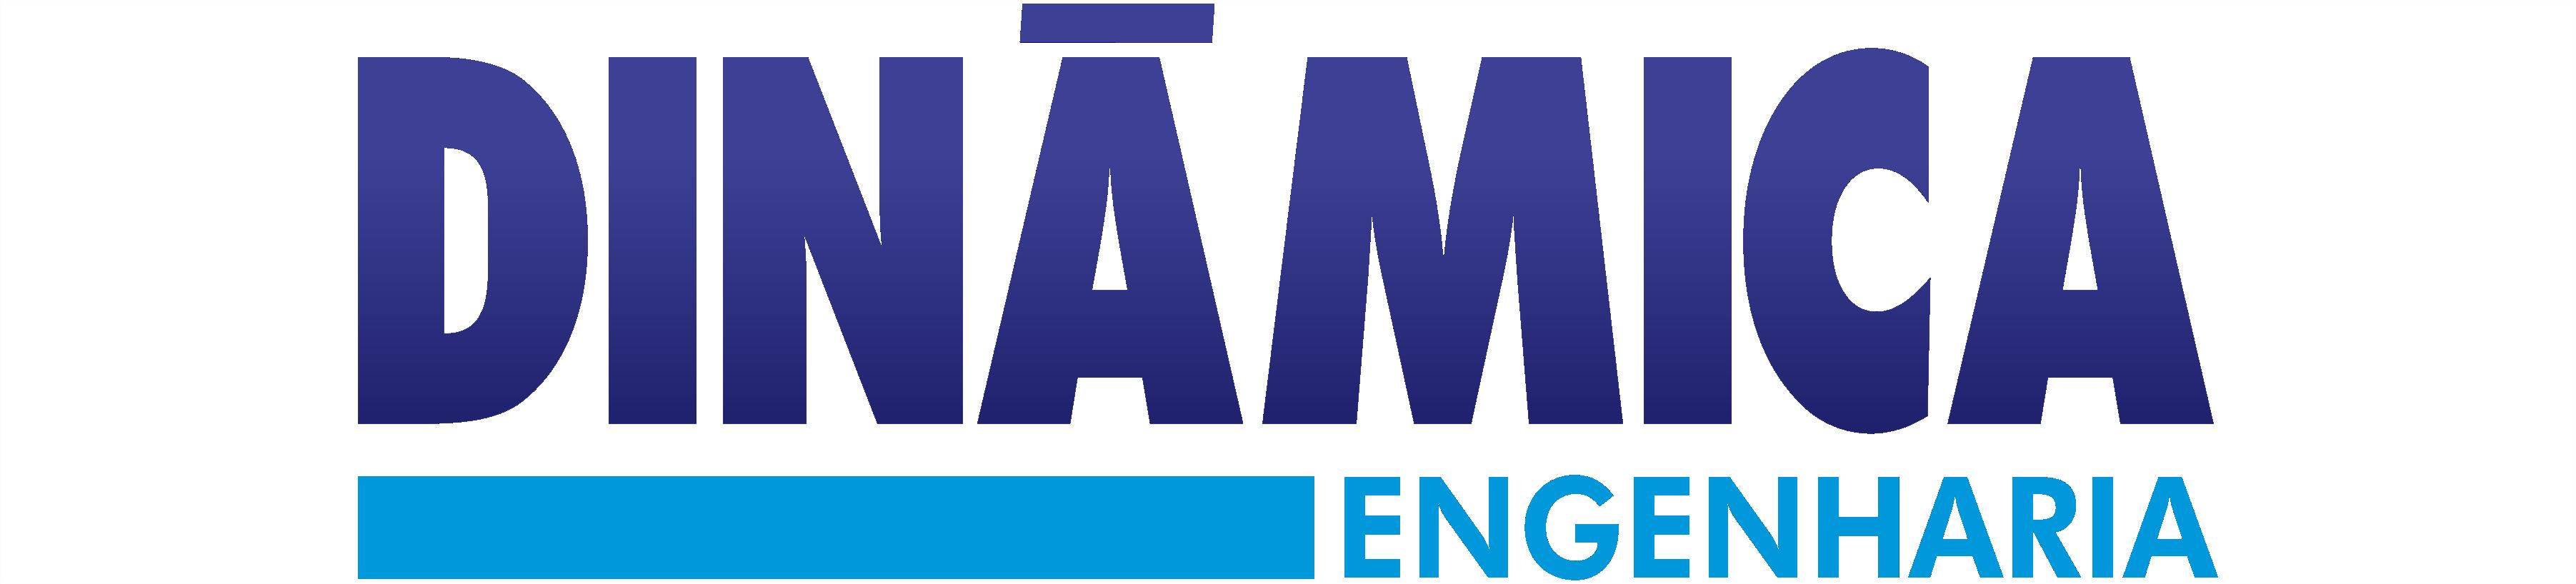 Dinamica Engenharia